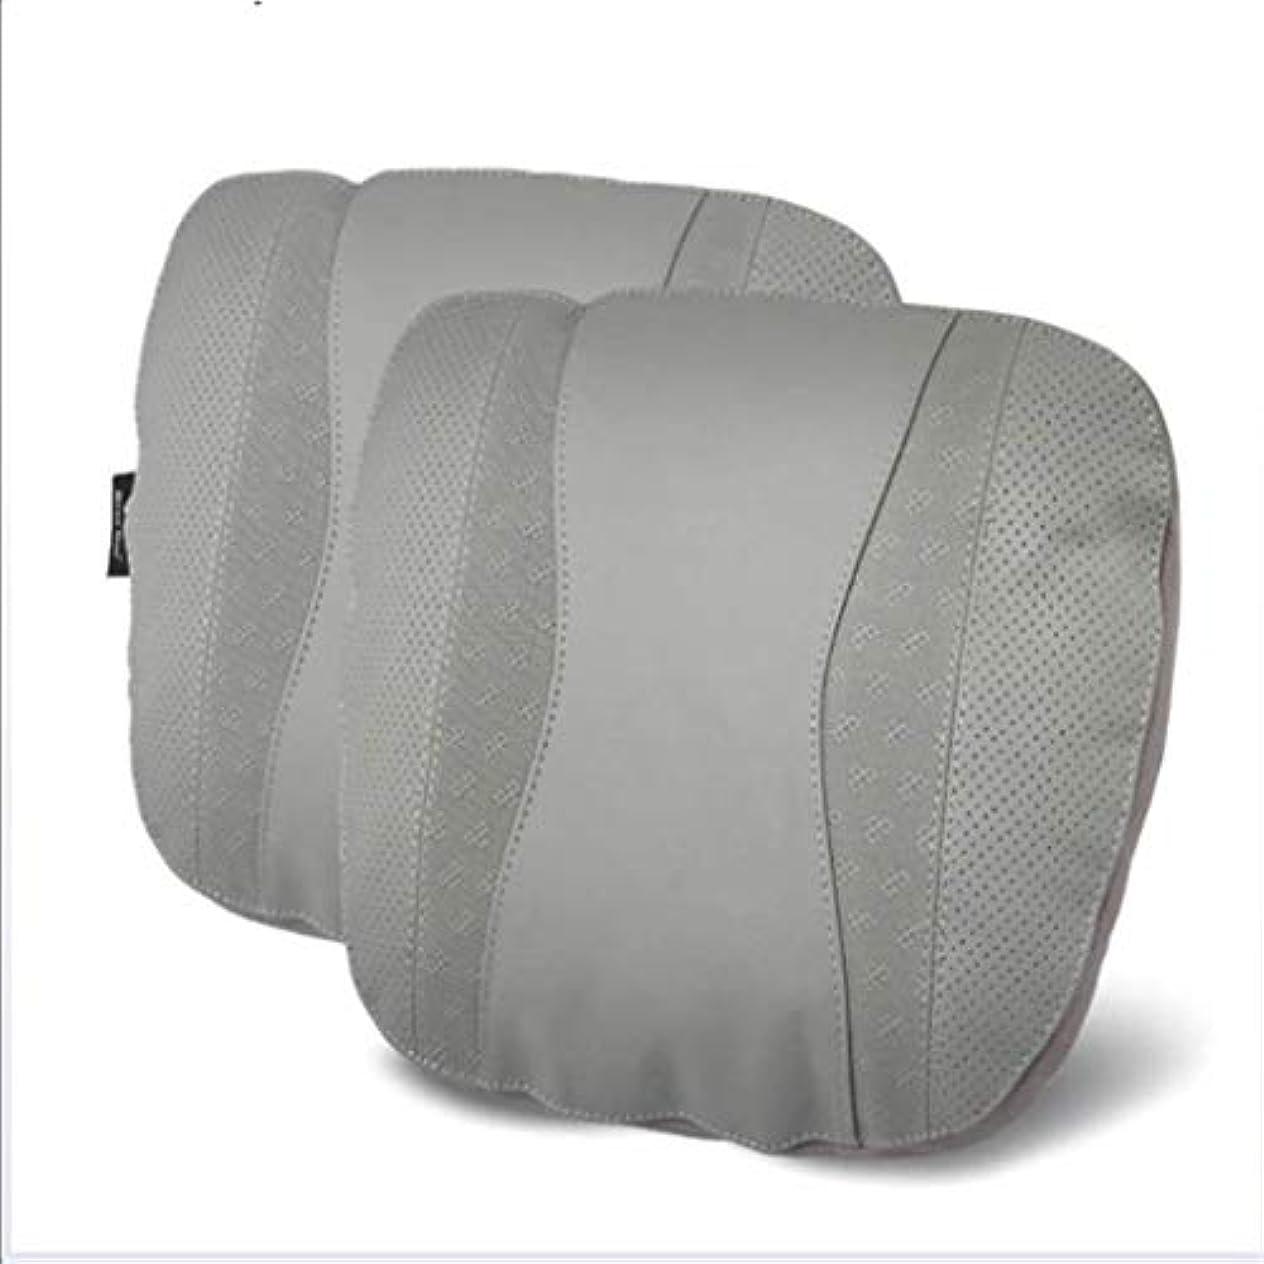 起きるすみませんカウンタネックピロー、カーシートネックピロー、トラベルピローネックパッド、カーネックピローサポートピローとして使用、航空機のネックピロー、首の疲れを和らげる (Color : Gray)